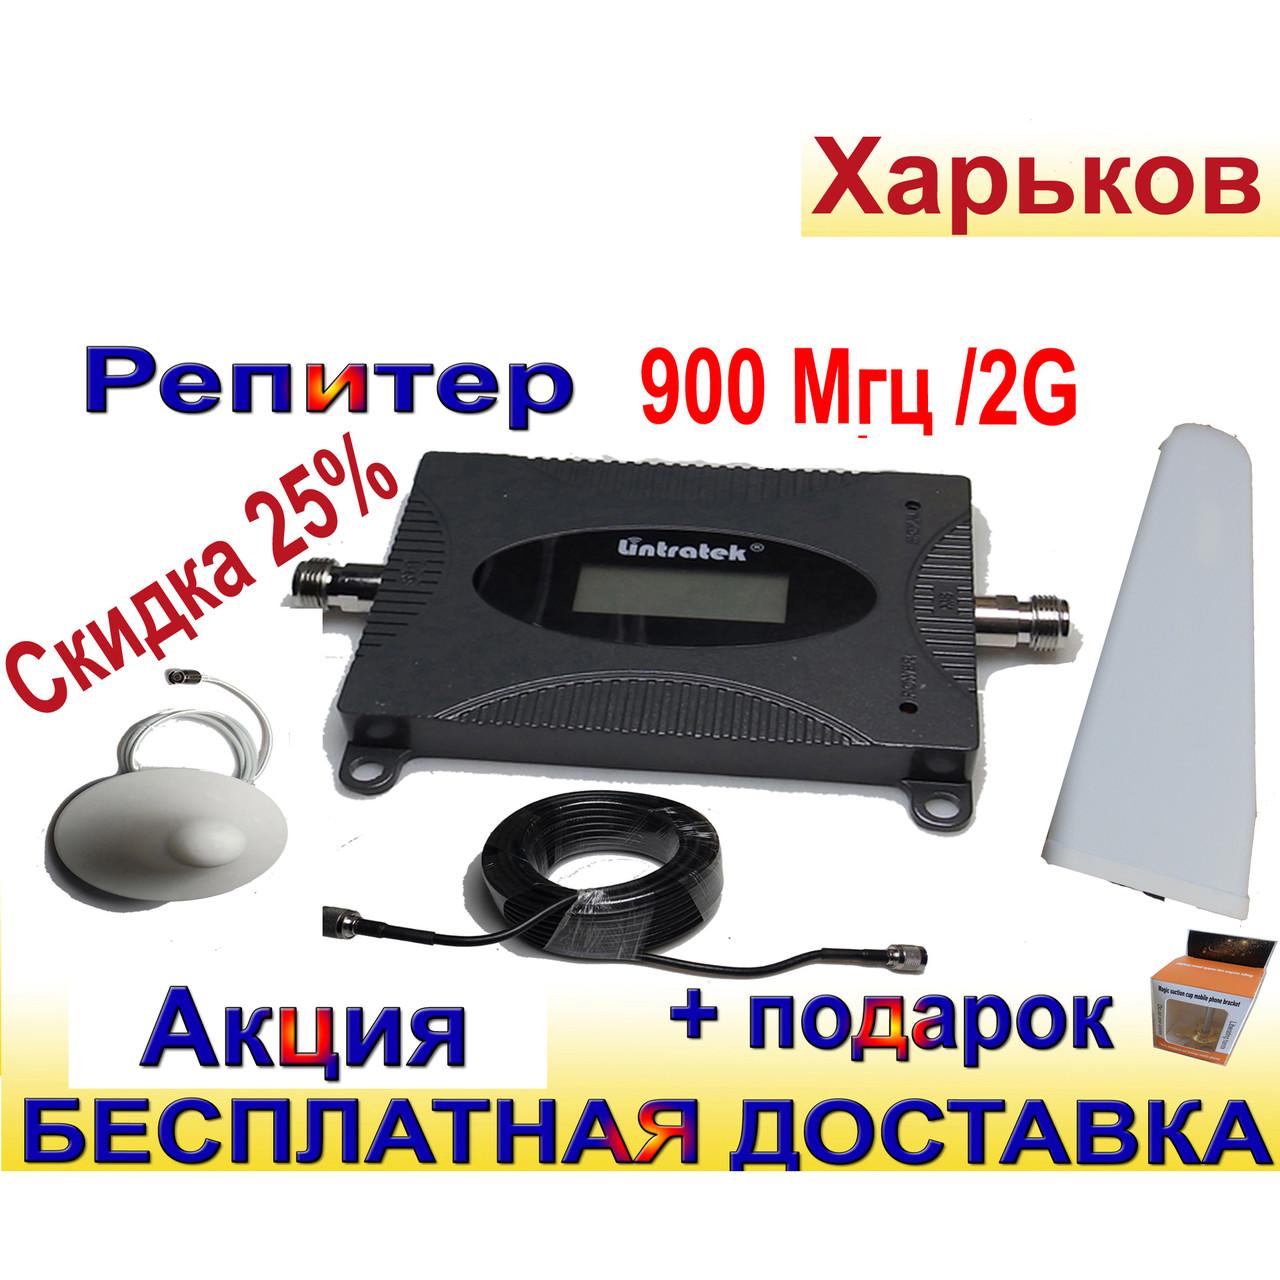 Оригинал 100% Усилитель сотовой связи  репитер GSM в Харькове  +Скидка +Подарок